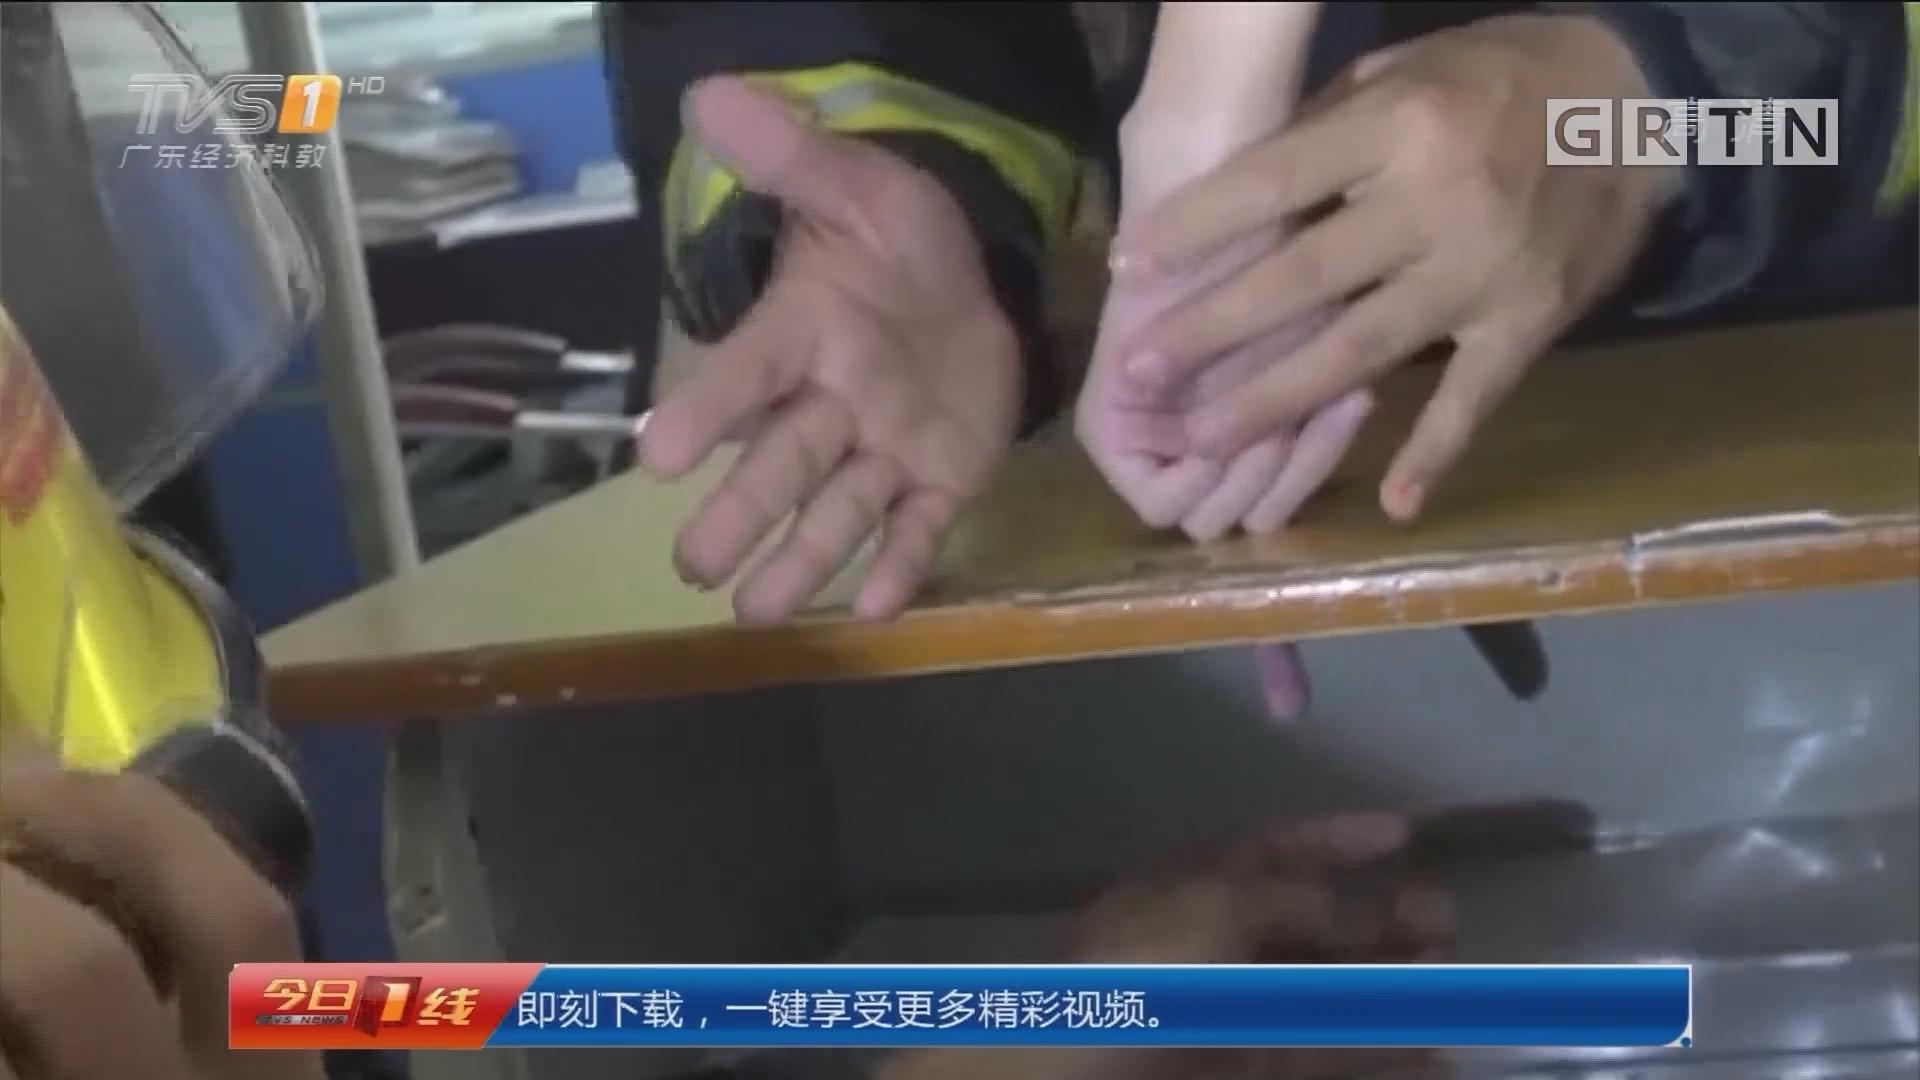 广东中山:学生食指被卡课桌 消防及时救援